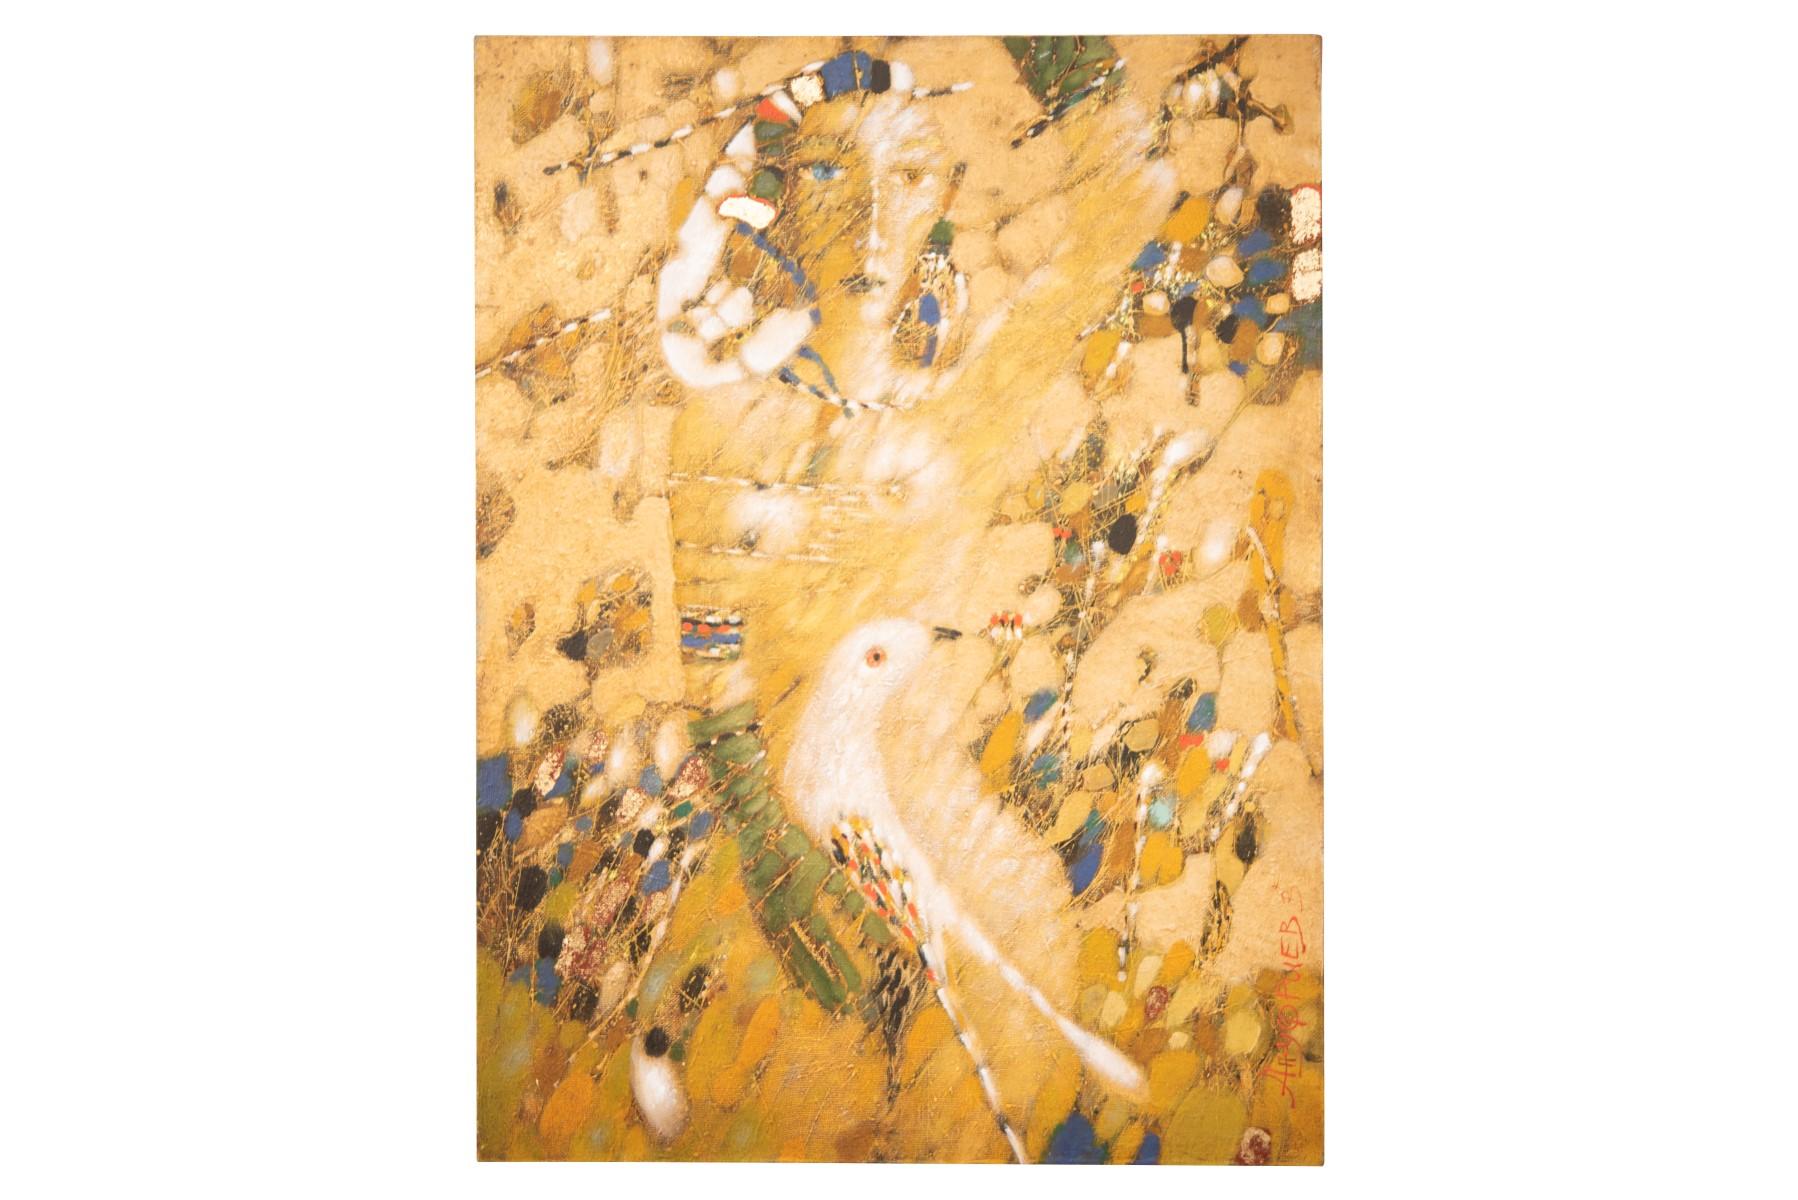 #158 Victor Anufriev (1958), Mädchen mit Vogel | Victor Anufriev (1958), Girl with bird Image